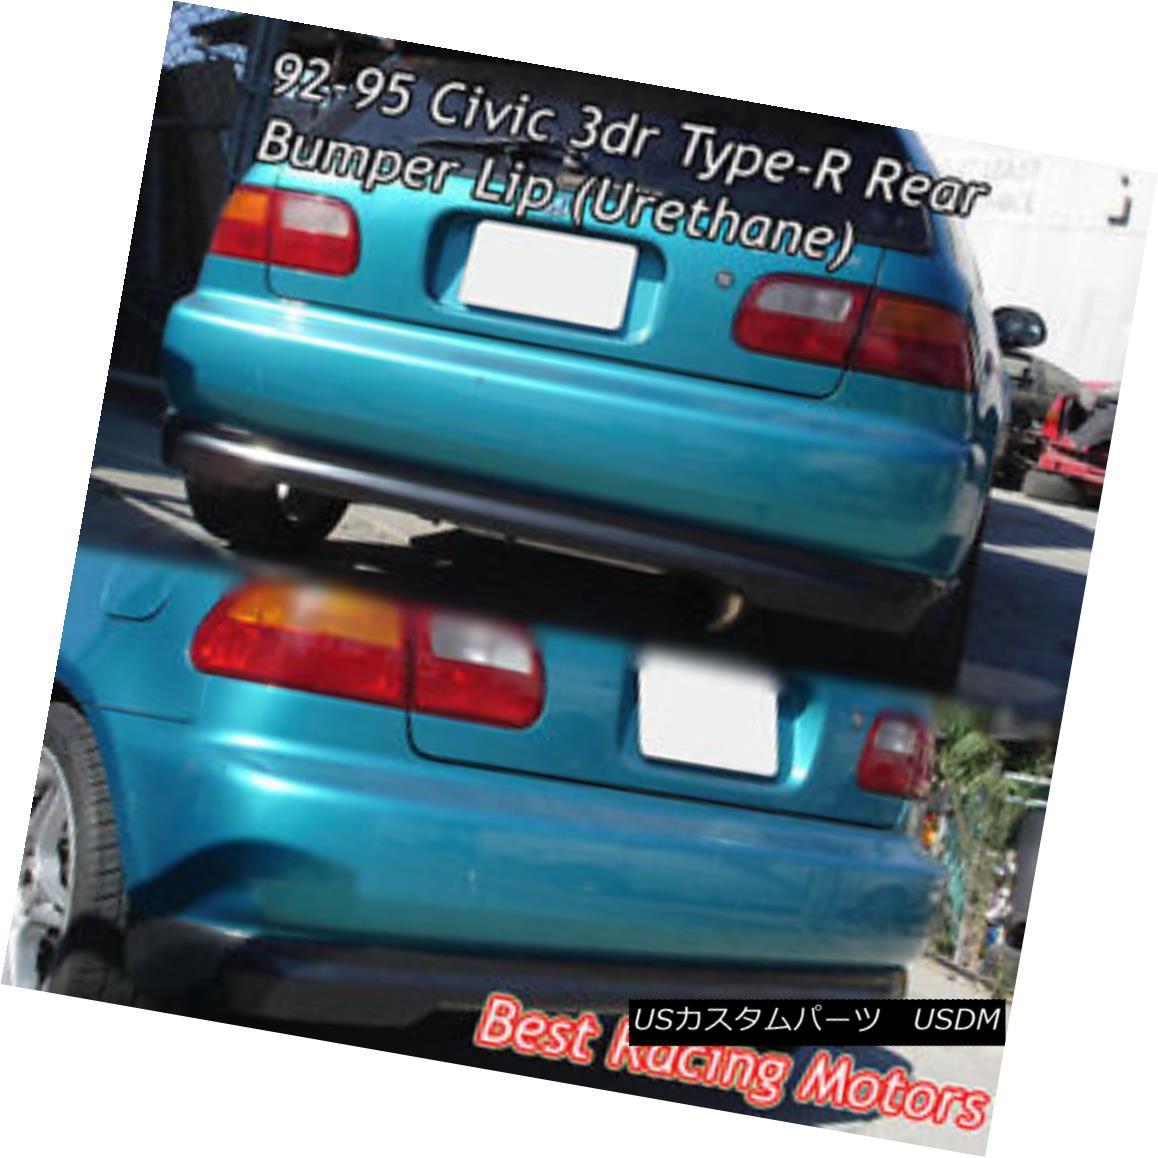 エアロパーツ TR Style Rear Bumper Lip (Urethane) Fits 92-95 Honda Civic 3dr TRスタイルリアバンパーリップ(ウレタン)92-95 Honda Civic 3dr